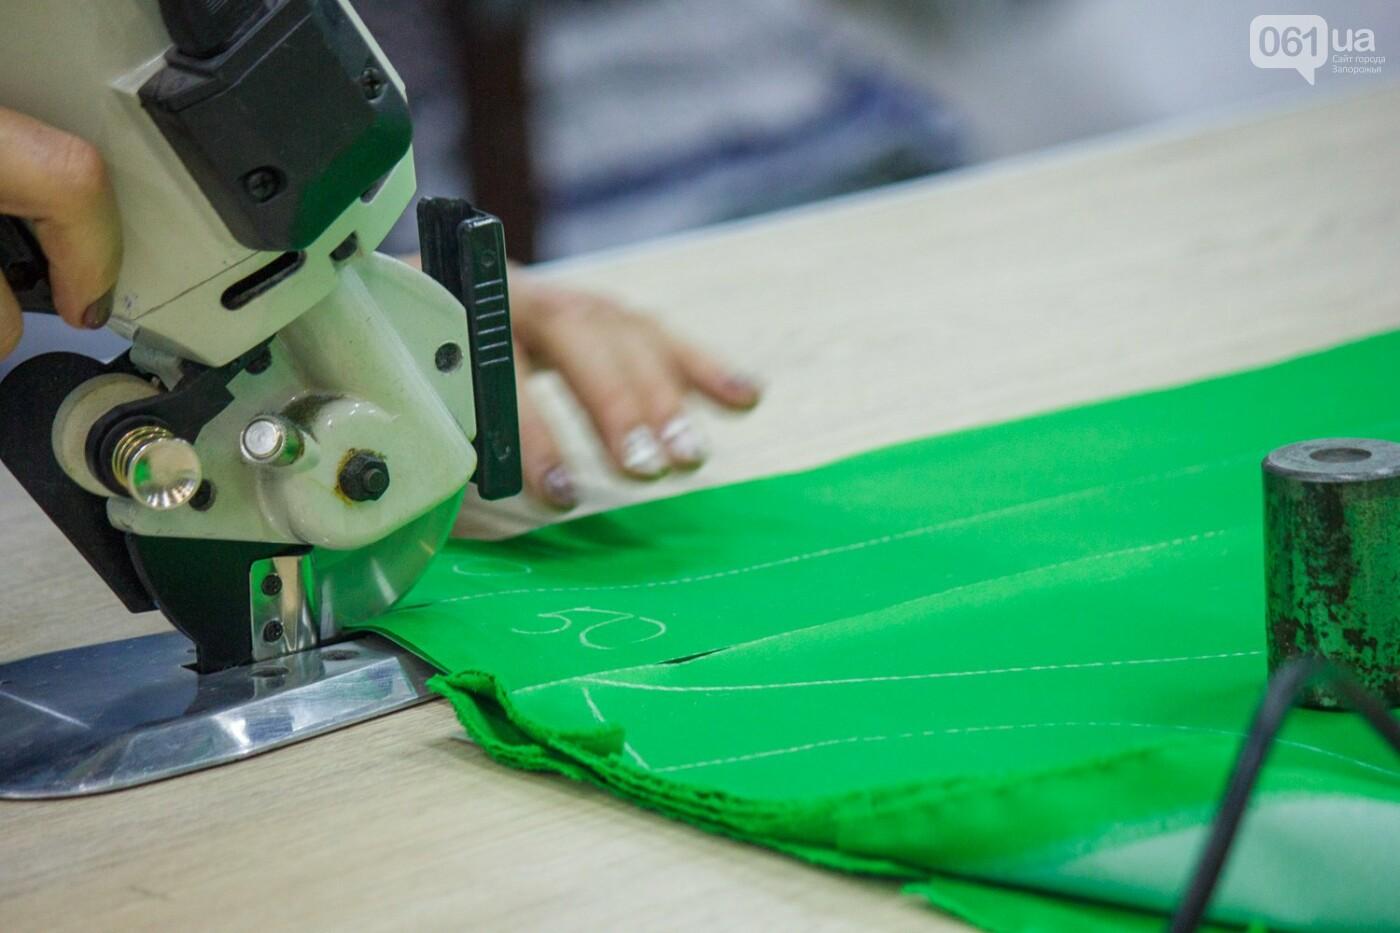 Как в Запорожье шьют мужское белье: экскурсия на трикотажную фабрику, – ФОТОРЕПОРТАЖ, фото-12